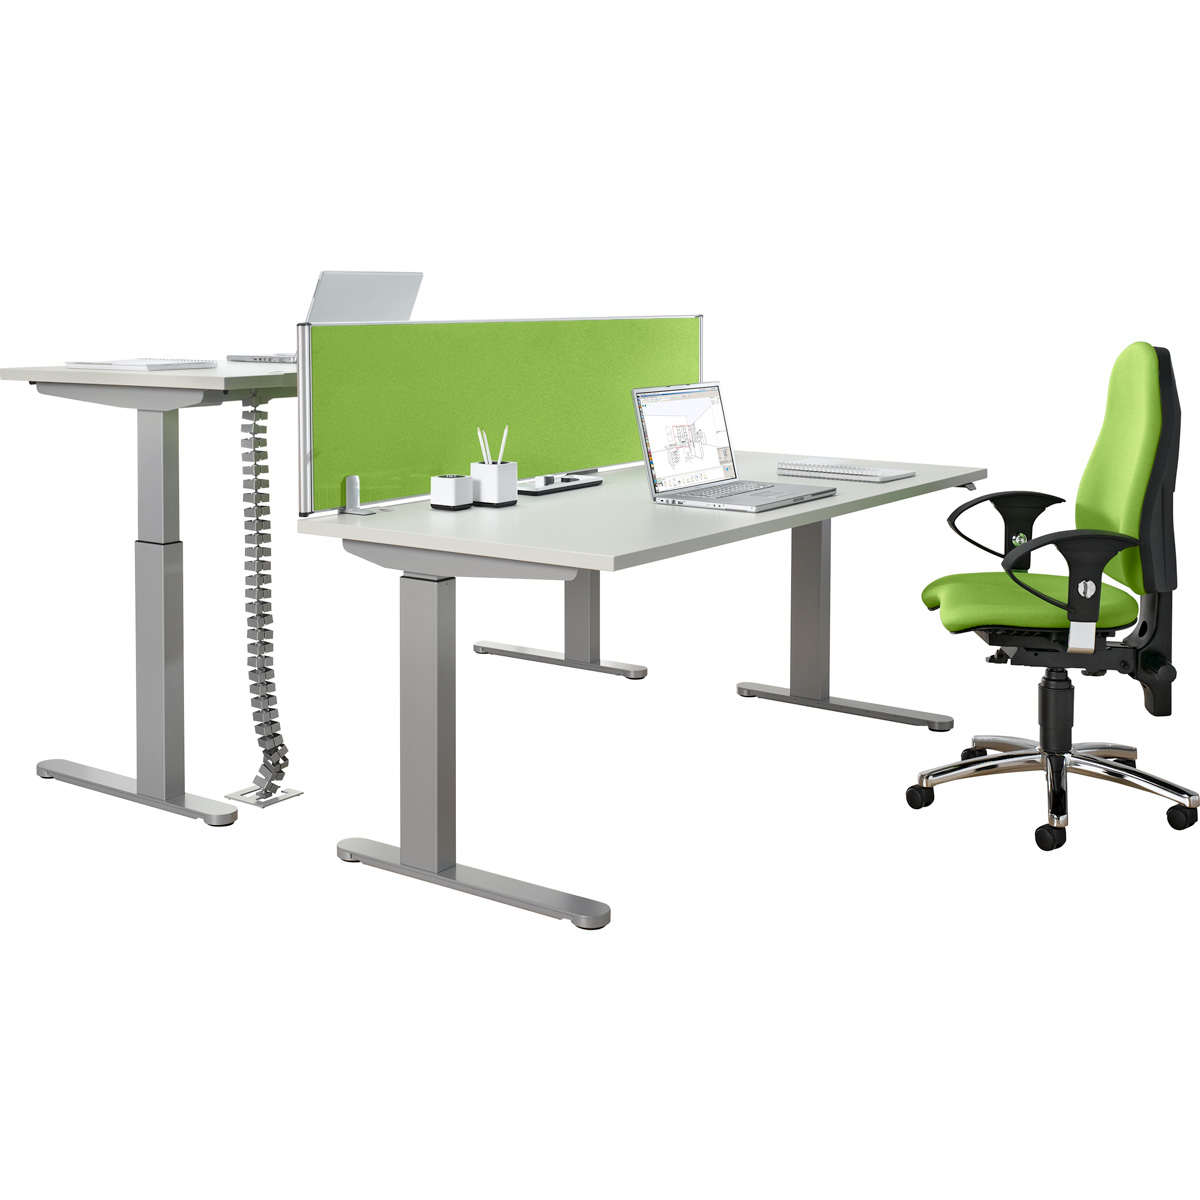 Elektrisch Höhenverstellbarer Schreibtisch 1600 x 800 mm, Lichtgrau ...